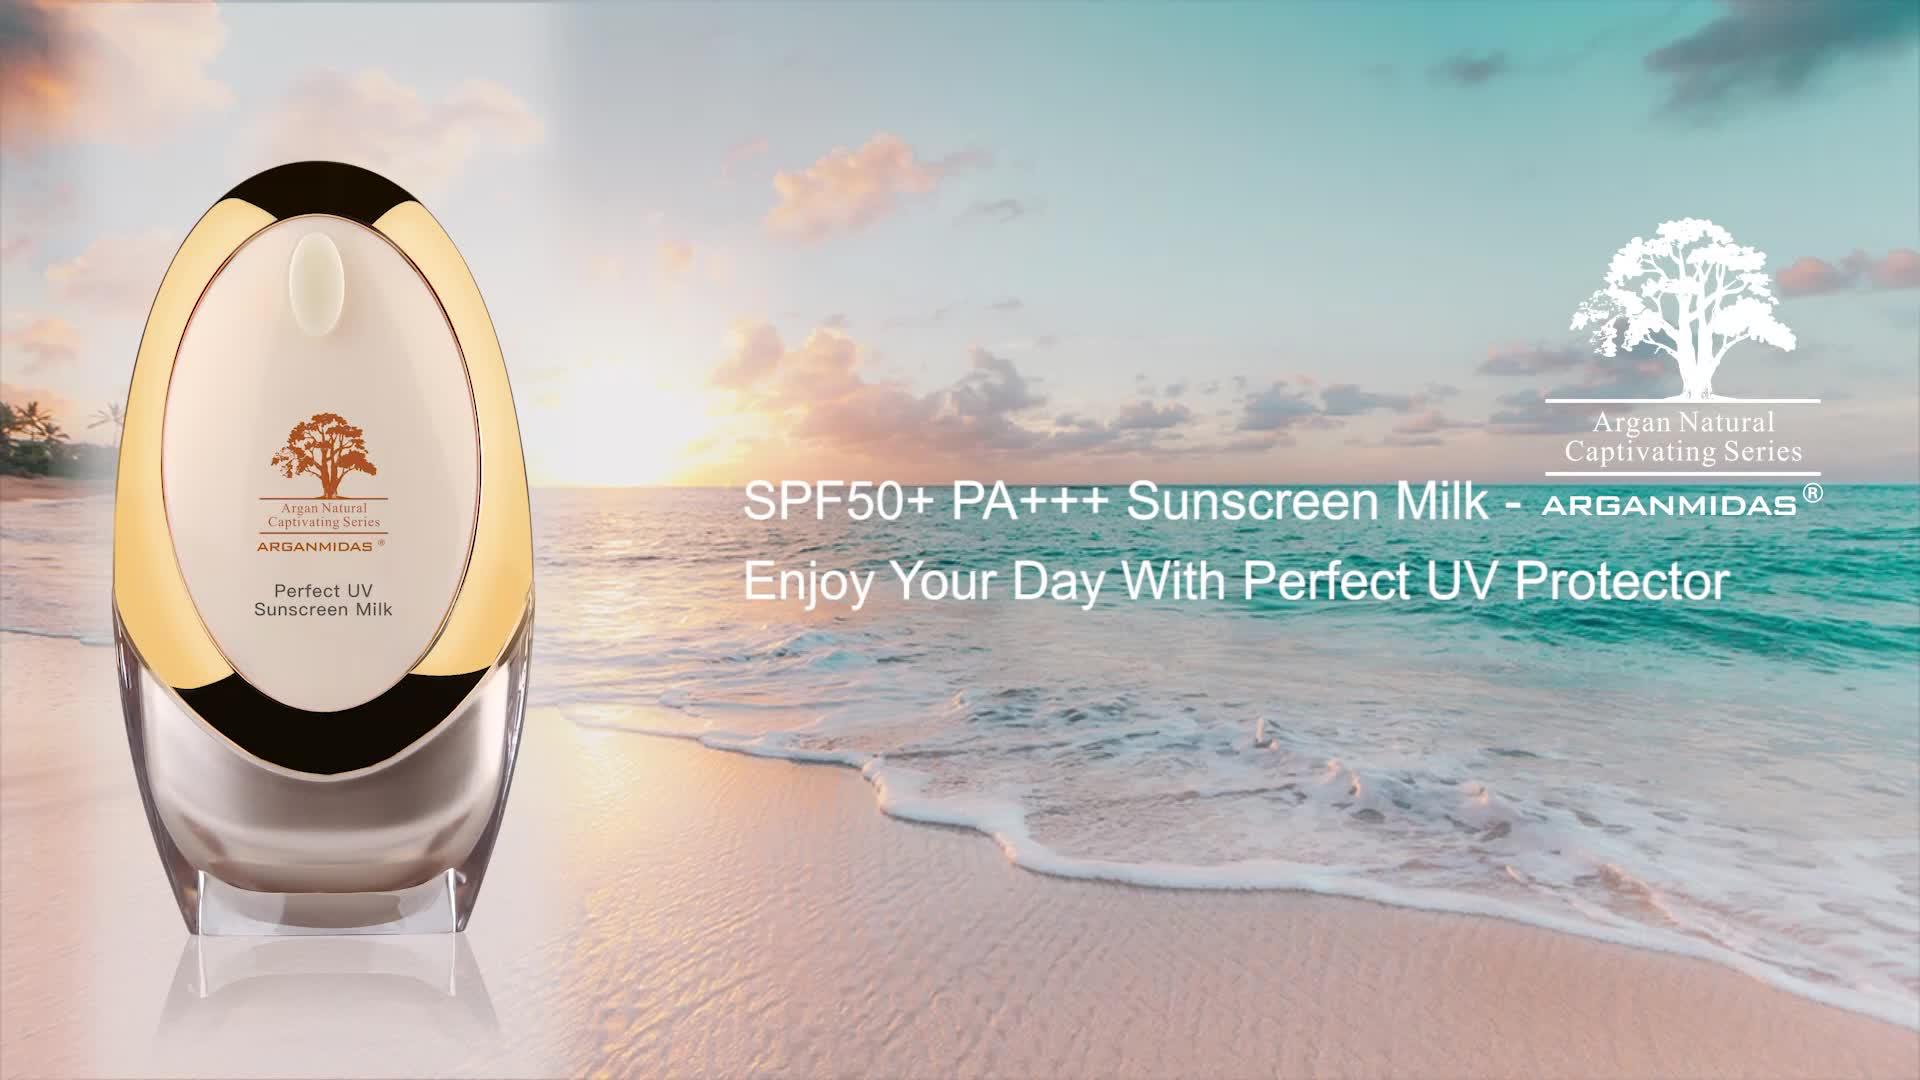 Benutzerdefinierte Private Label Wasserdichte Sonnencreme SPF 50 + PA + + + Bleaching Sonnenschutz Für Fettige Haut